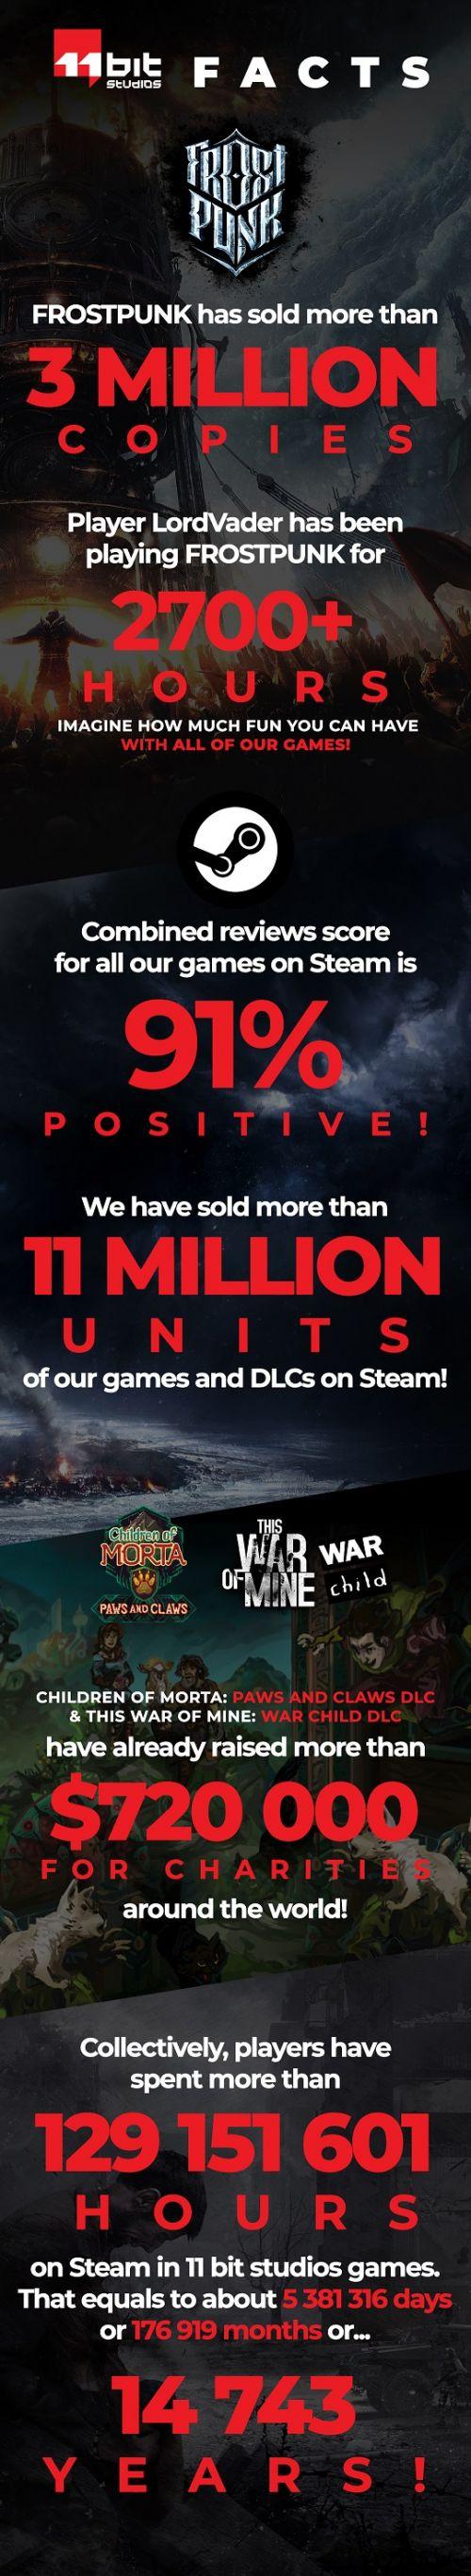 《冰汽时代》销量破300万 有人玩了2700+小时